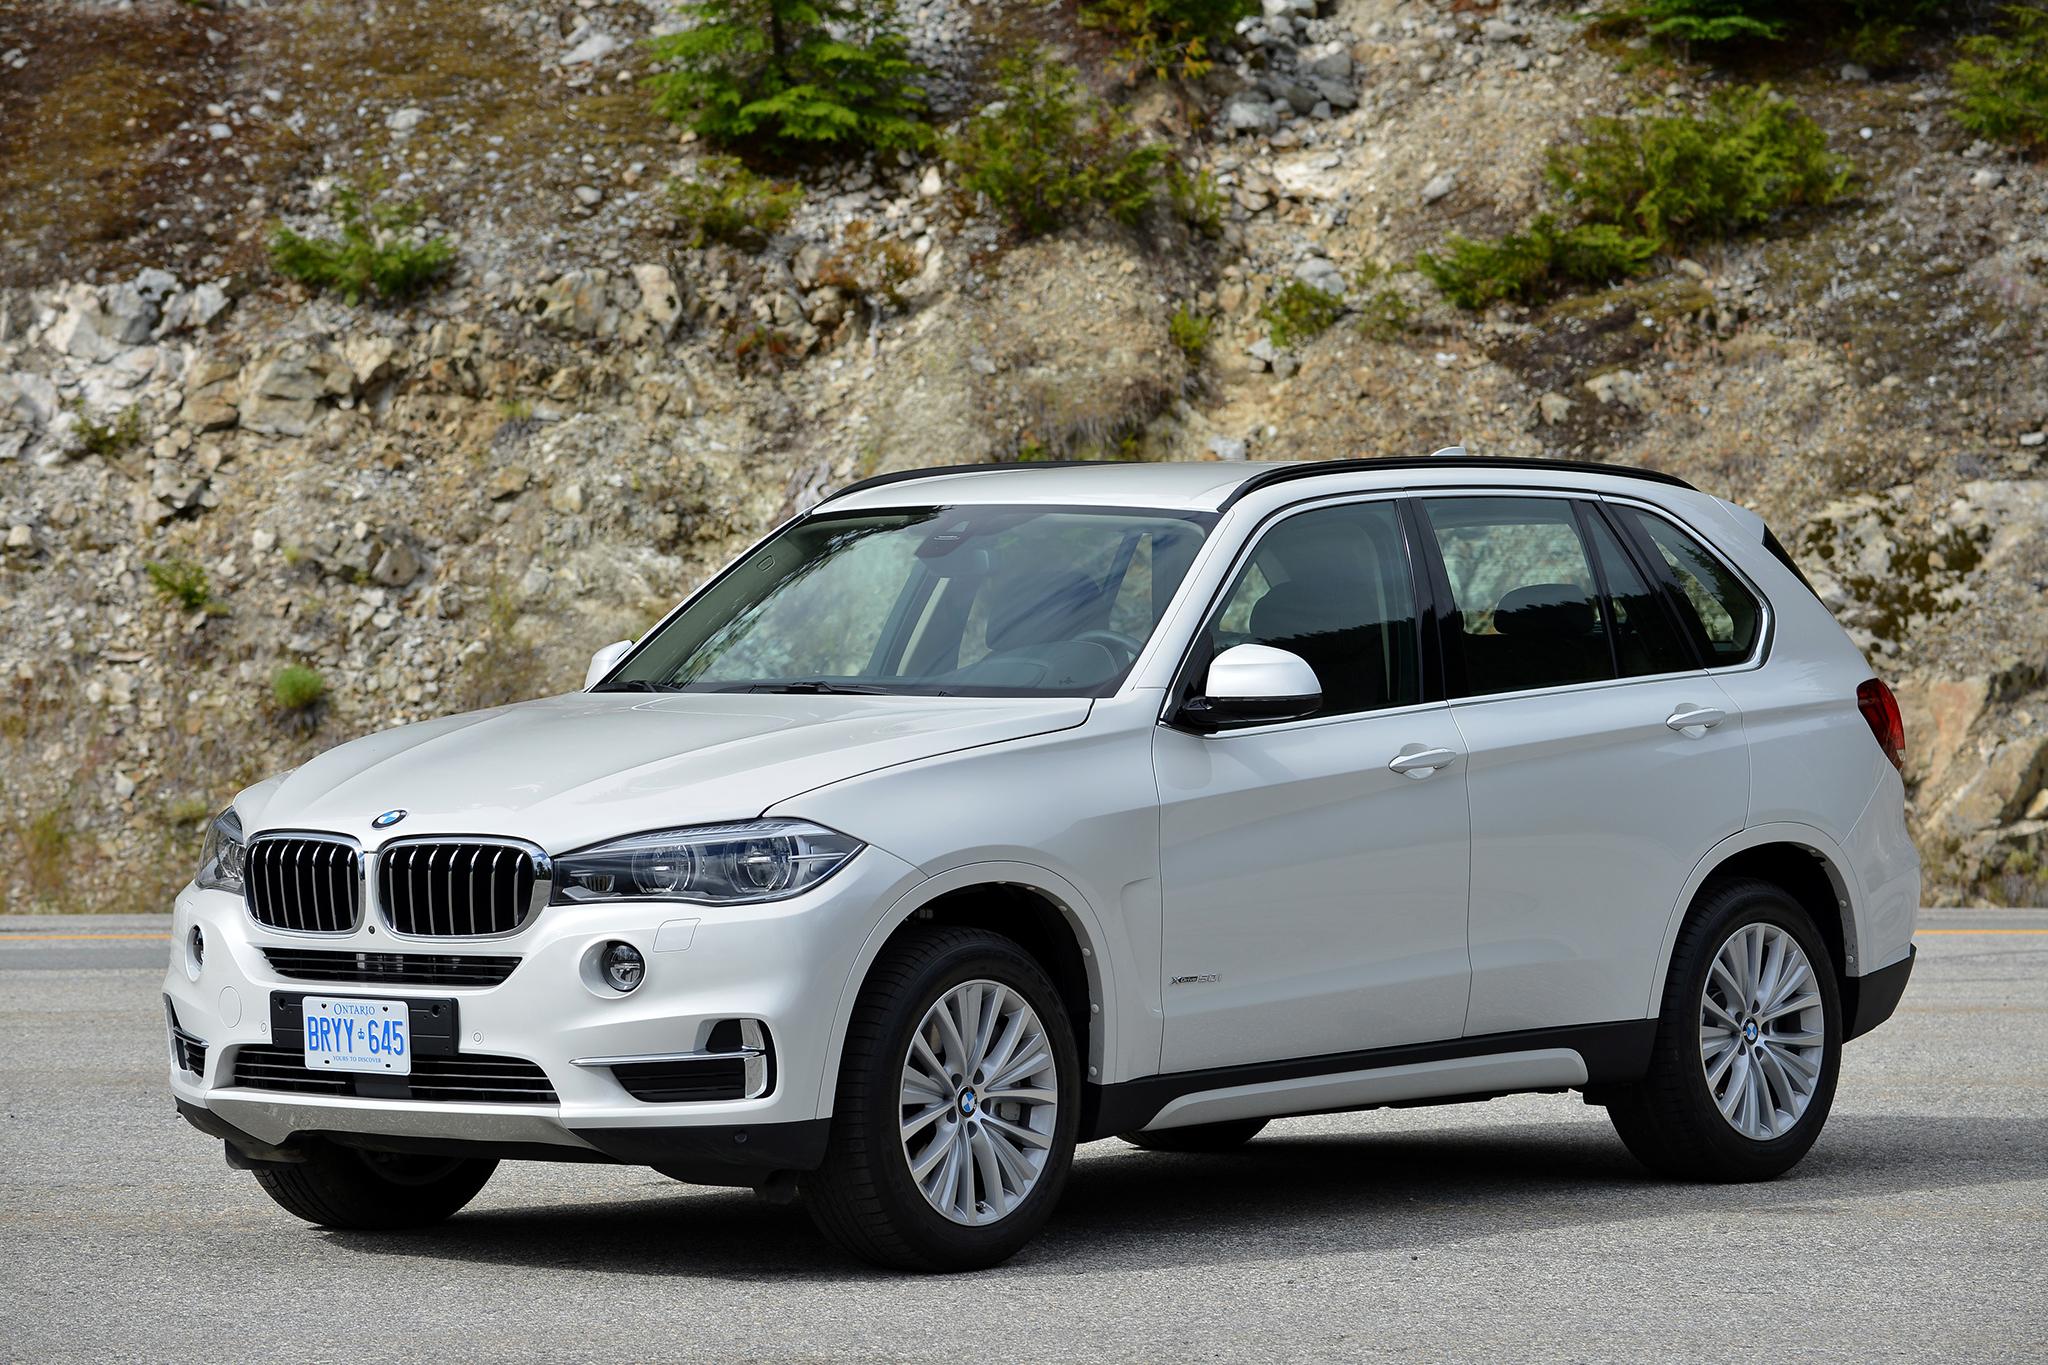 Hình ảnh BMW X7 đời tiền nhiệm khỏe khoắn, mạnh mẽ